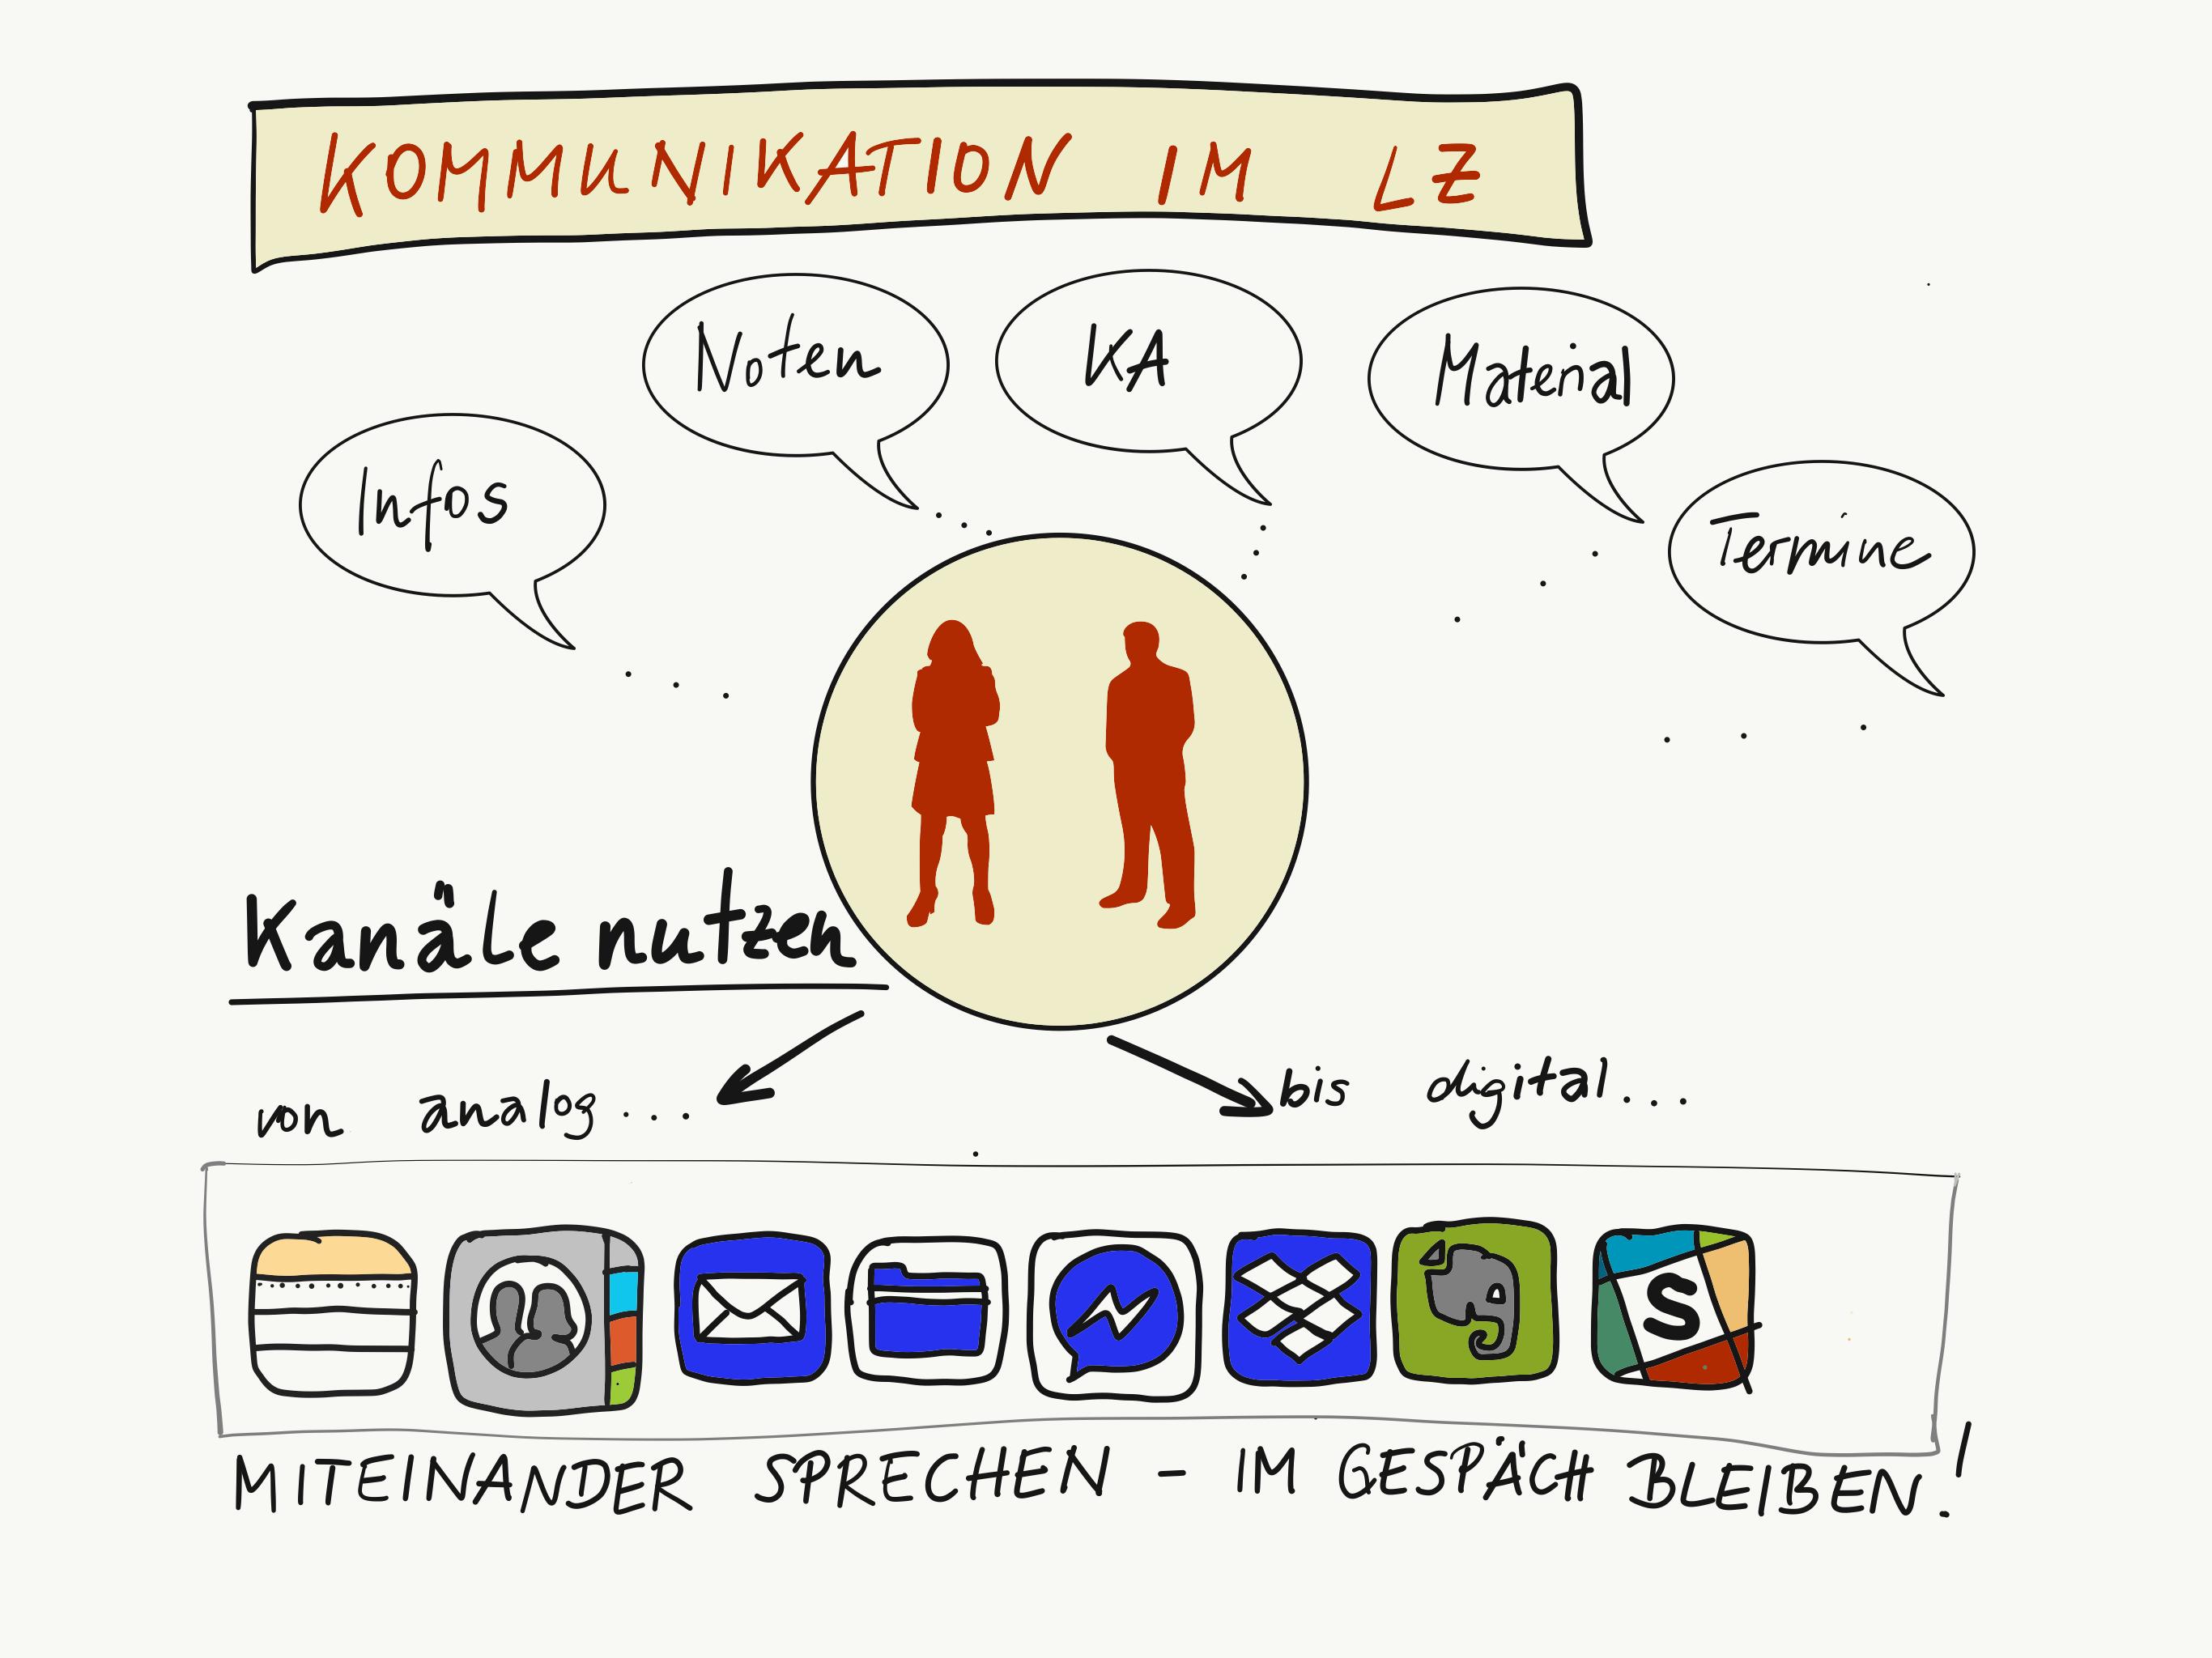 sketchnotekommunikation